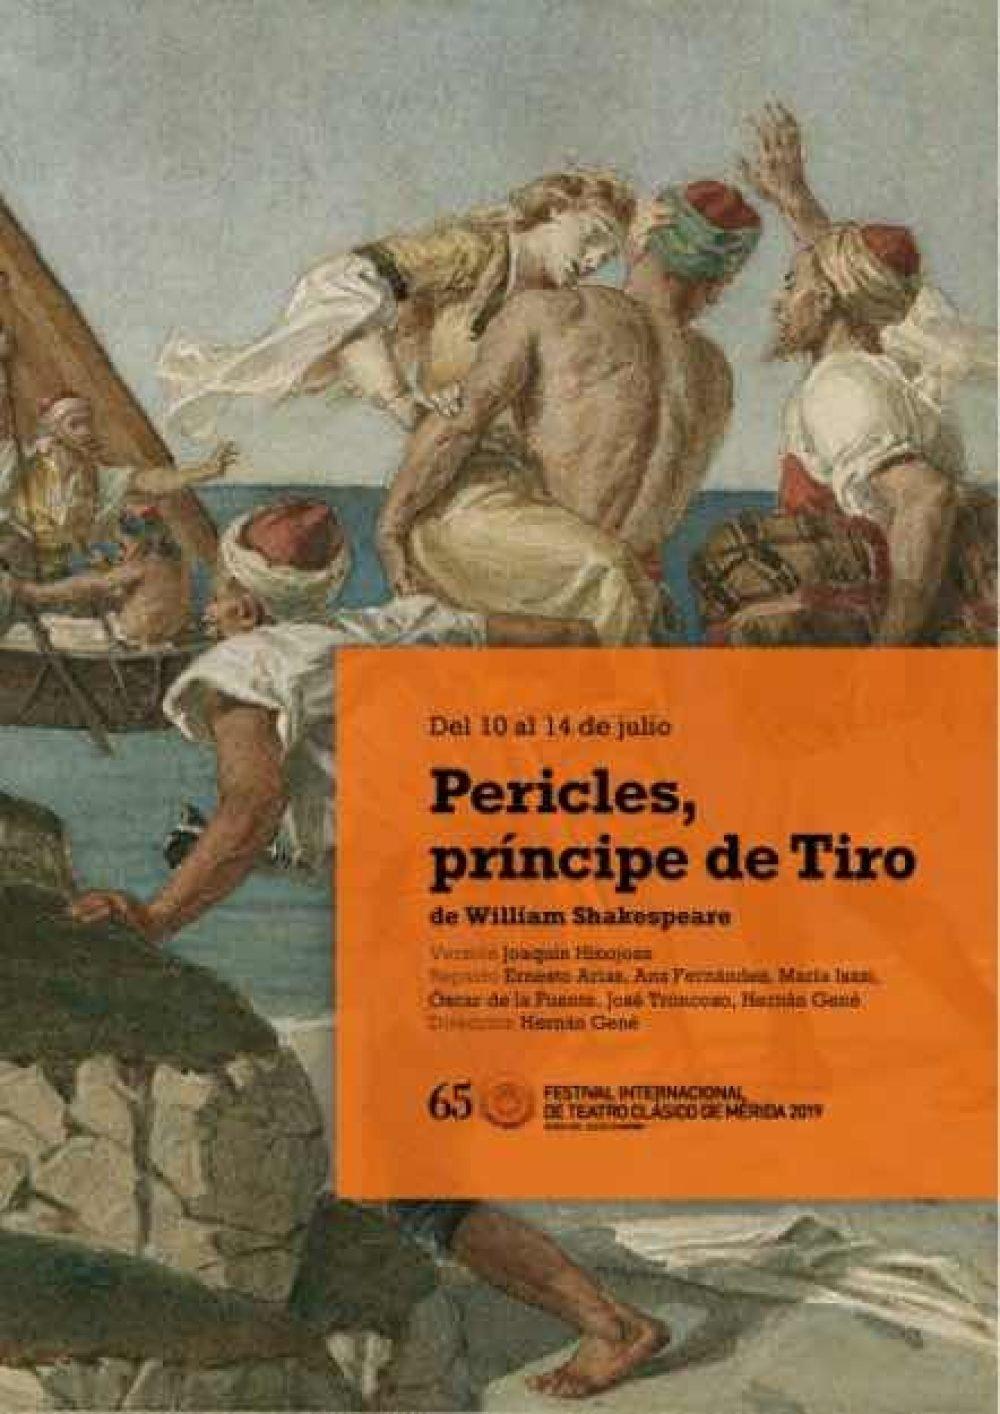 Pericles, príncipe de Tiro. Festival Internacional de Teatro Clásico de Mérida